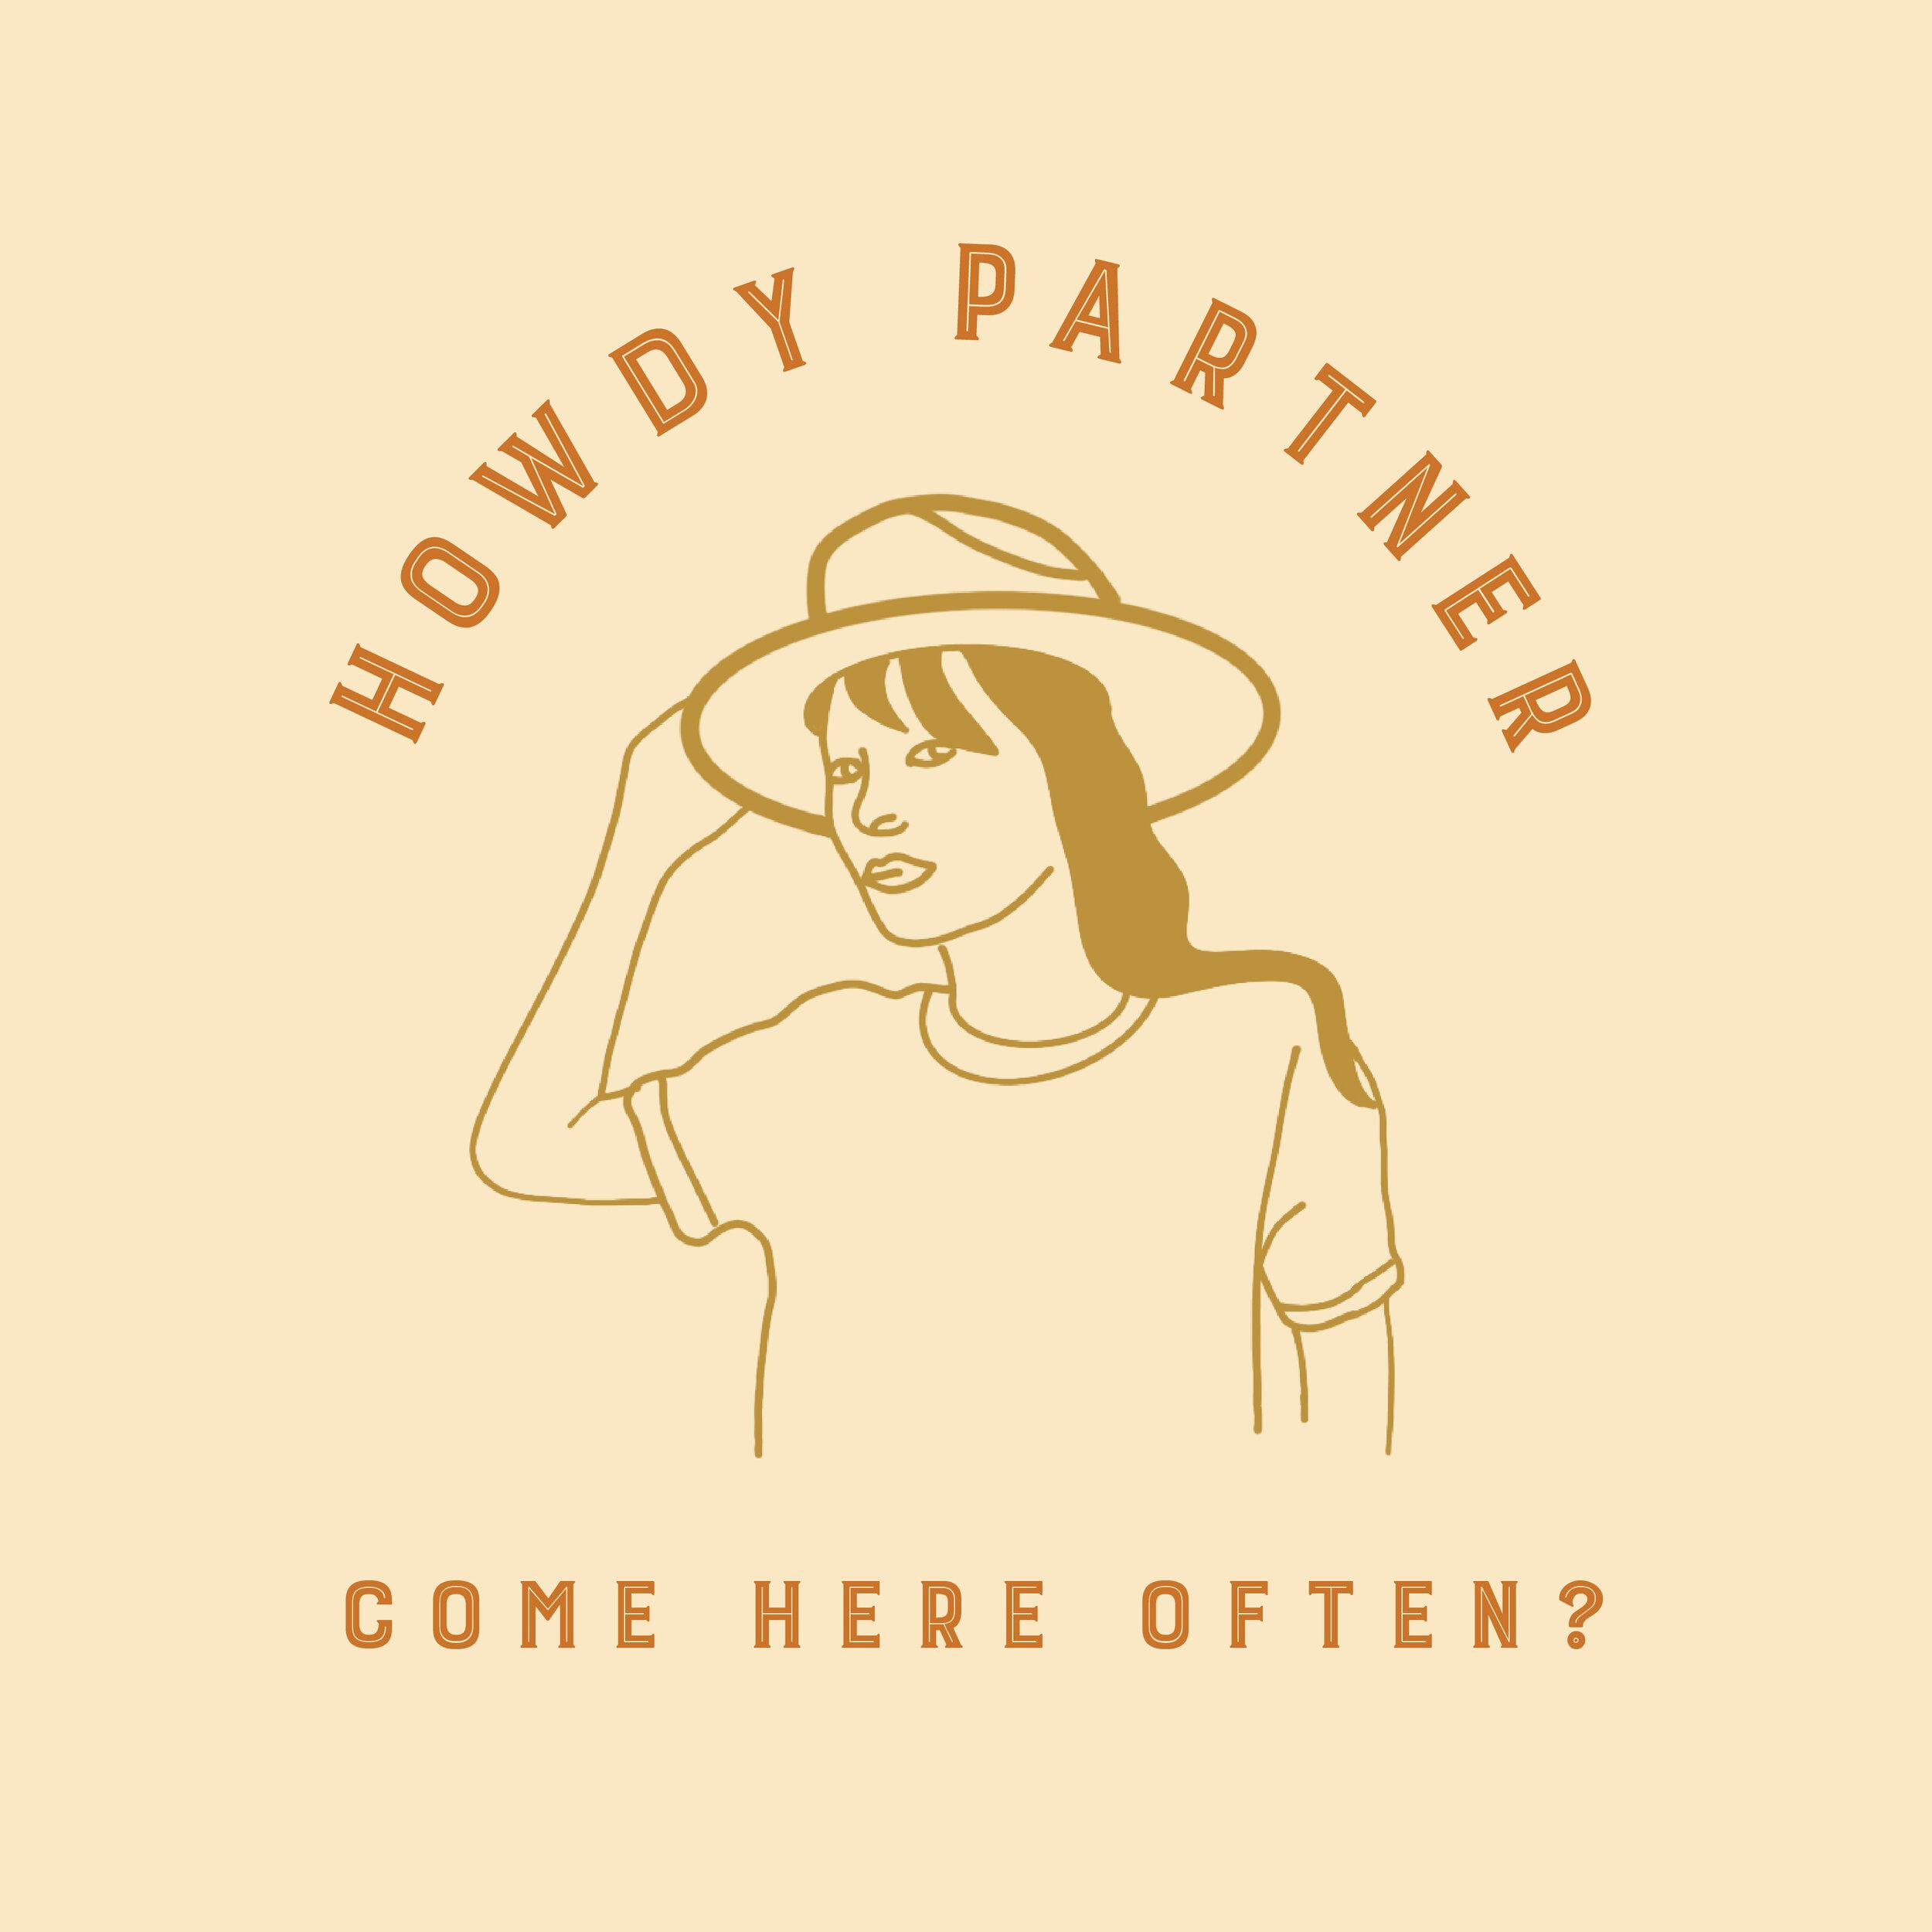 howdyPartner-01.jpg